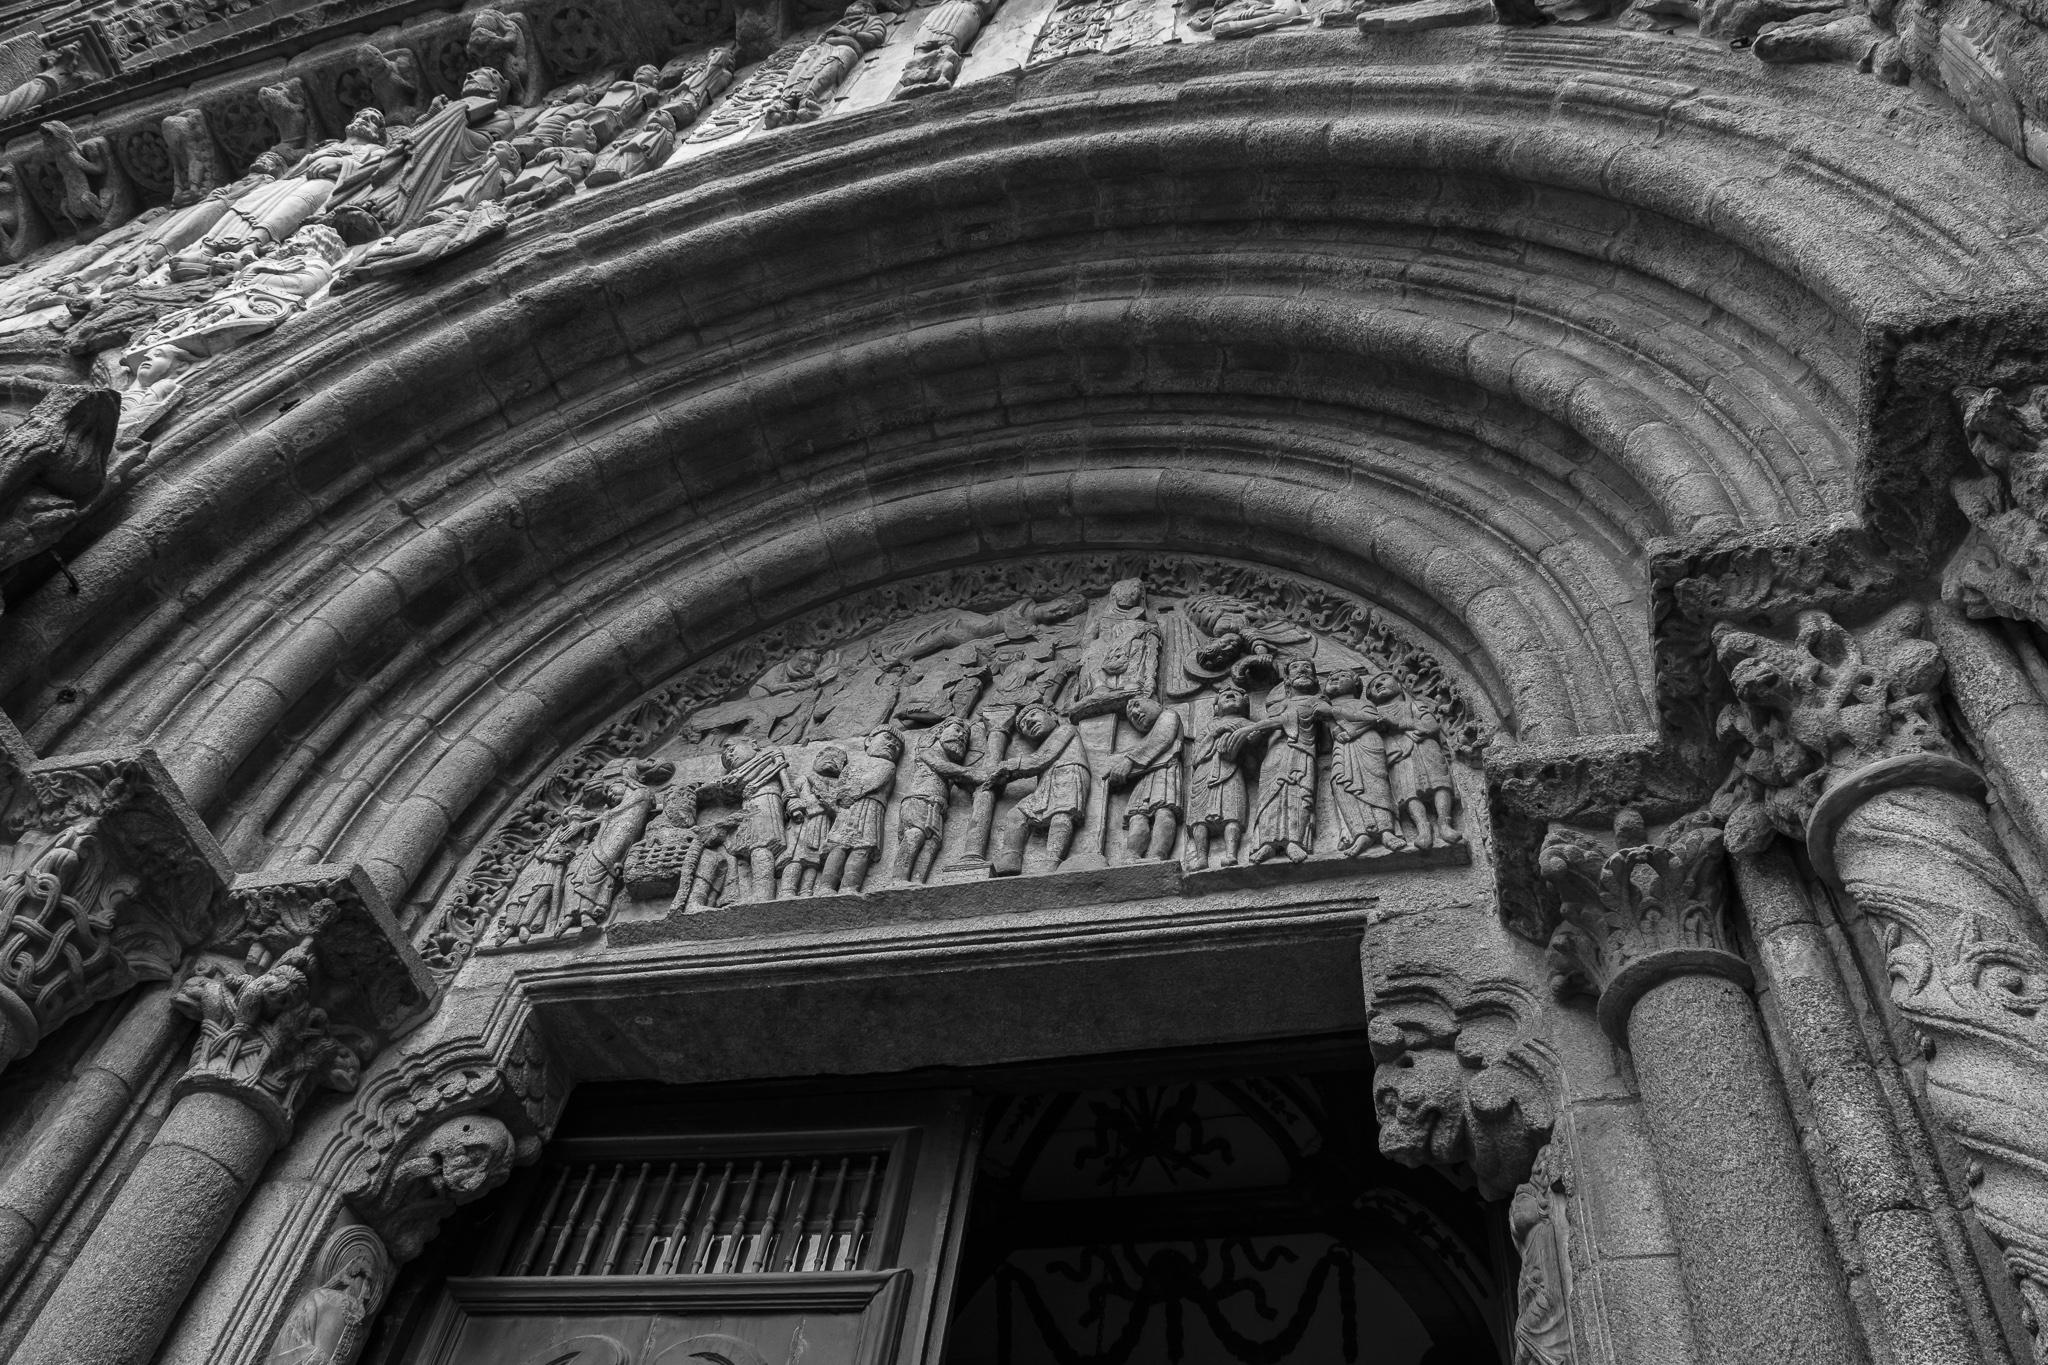 La fachada de Platerías, puerta meridional de la basílica, cuenta con dos entradas diferentes.<br> Mientras que el tímpano de la puerta derecha muestra varias escenas de la pasión de Cristo como el juicio, prendimiento o flagelación; el tímpano izquierdo escenifica la tentación, representada en figuras como la de la mujer semidesnuda con un cráneo en sus manos. <br>A la fachada, que tuvo que ser reconstruida tras arder en el s.XII, se le añadieron también figuras procedentes de la puerta norte de la Catedral.